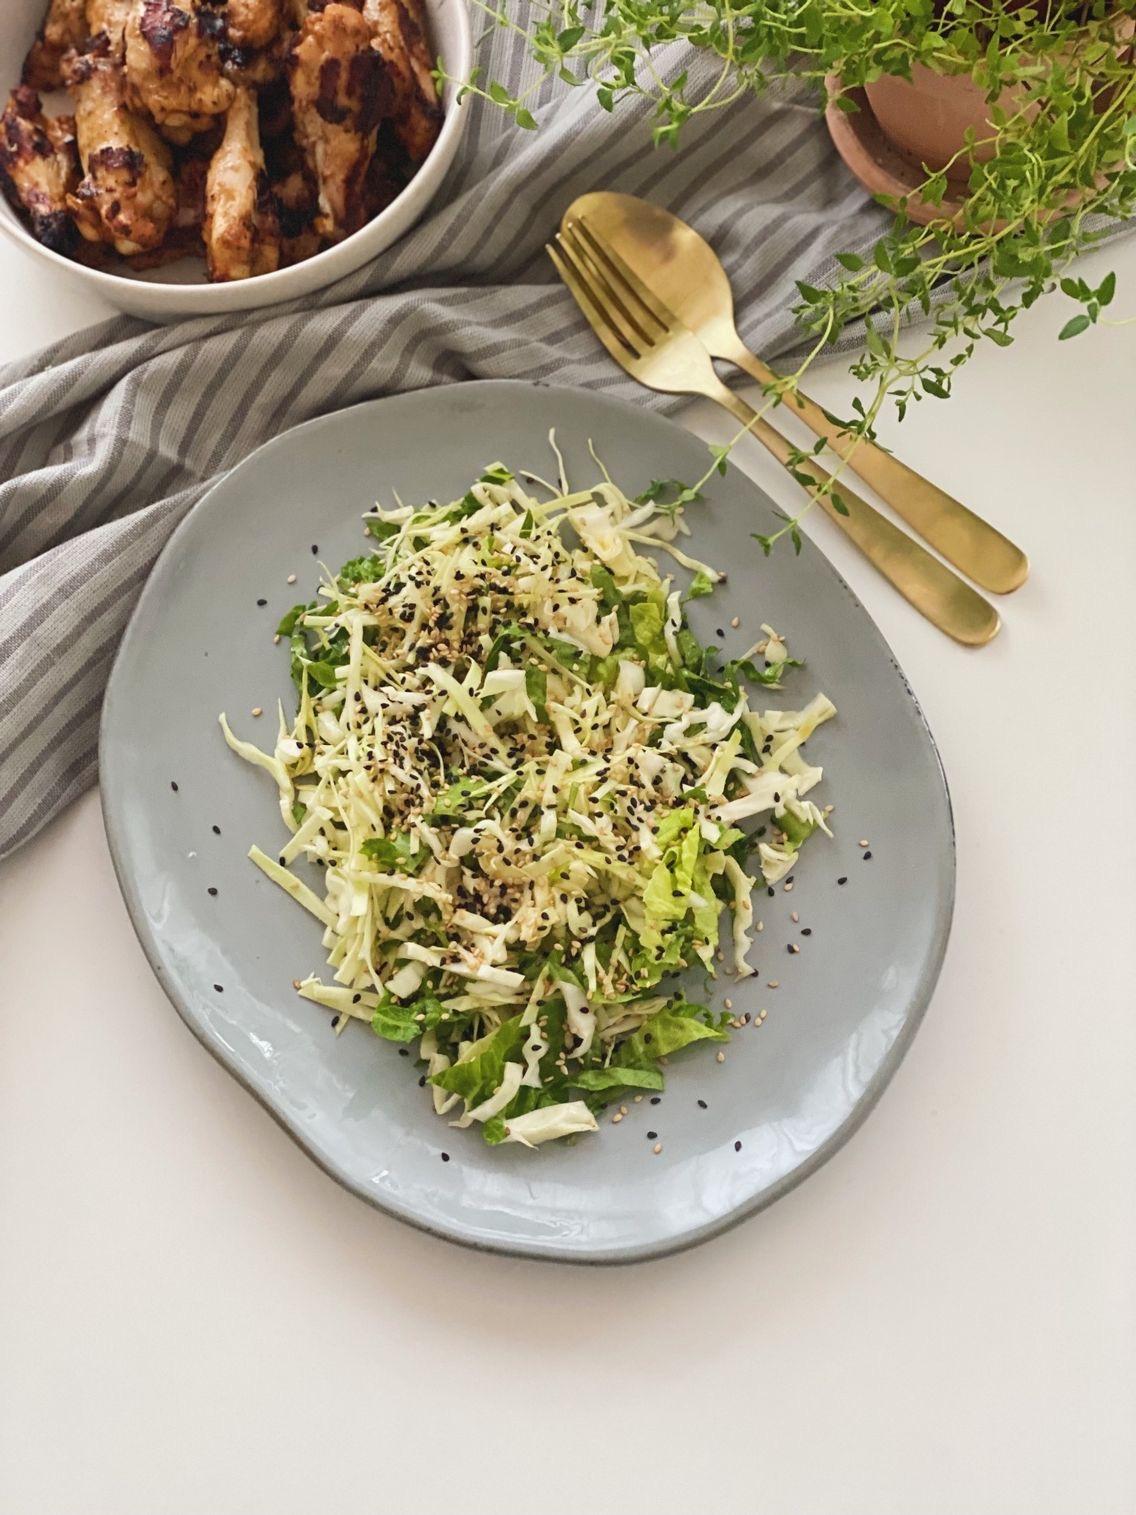 Spidskålsalat med ingefærdressing på et gråt fad set oppefra med kyllingevinger i baggrunden og frisk timian i en lerpotte